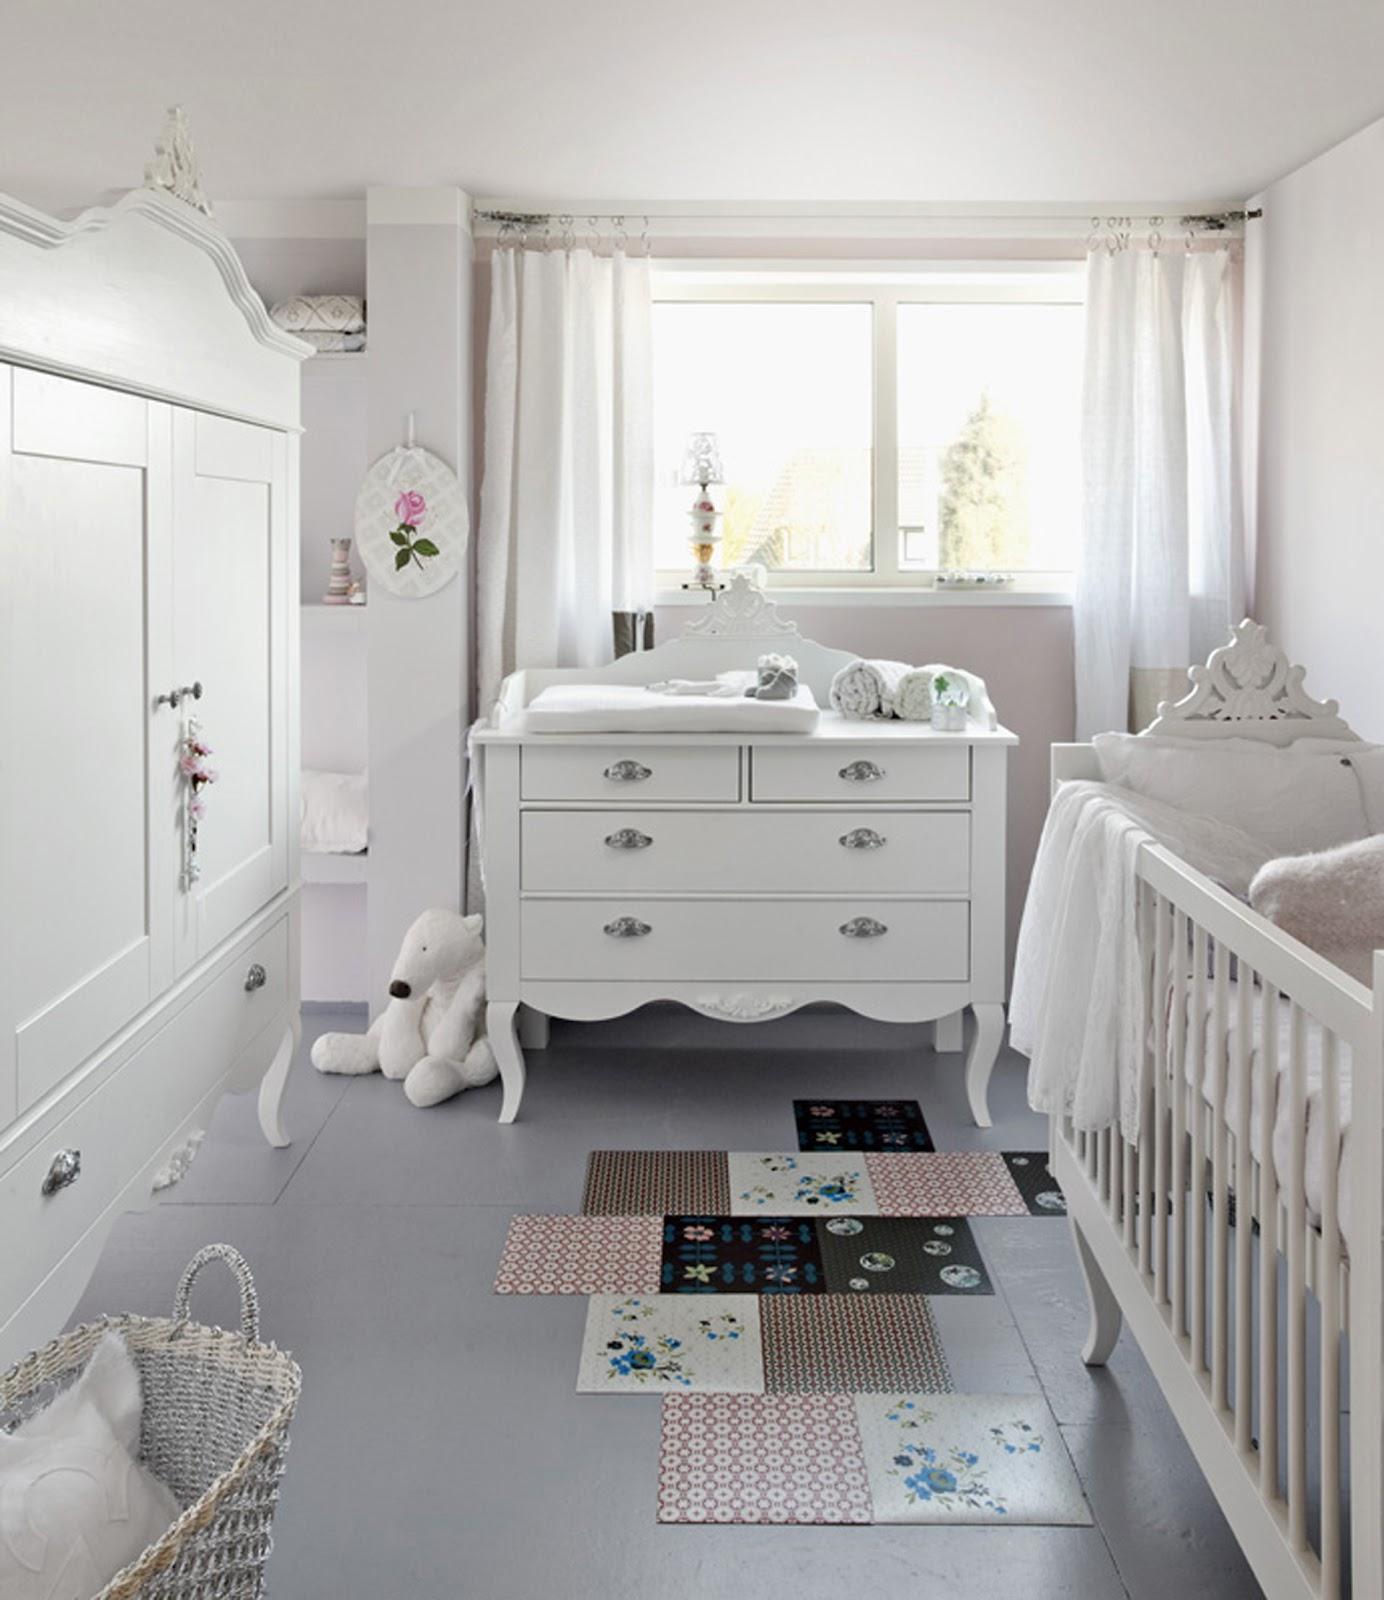 Dormitorios y camas para ni os y bebes decoracion endotcom - Dormitorios para bebe ...